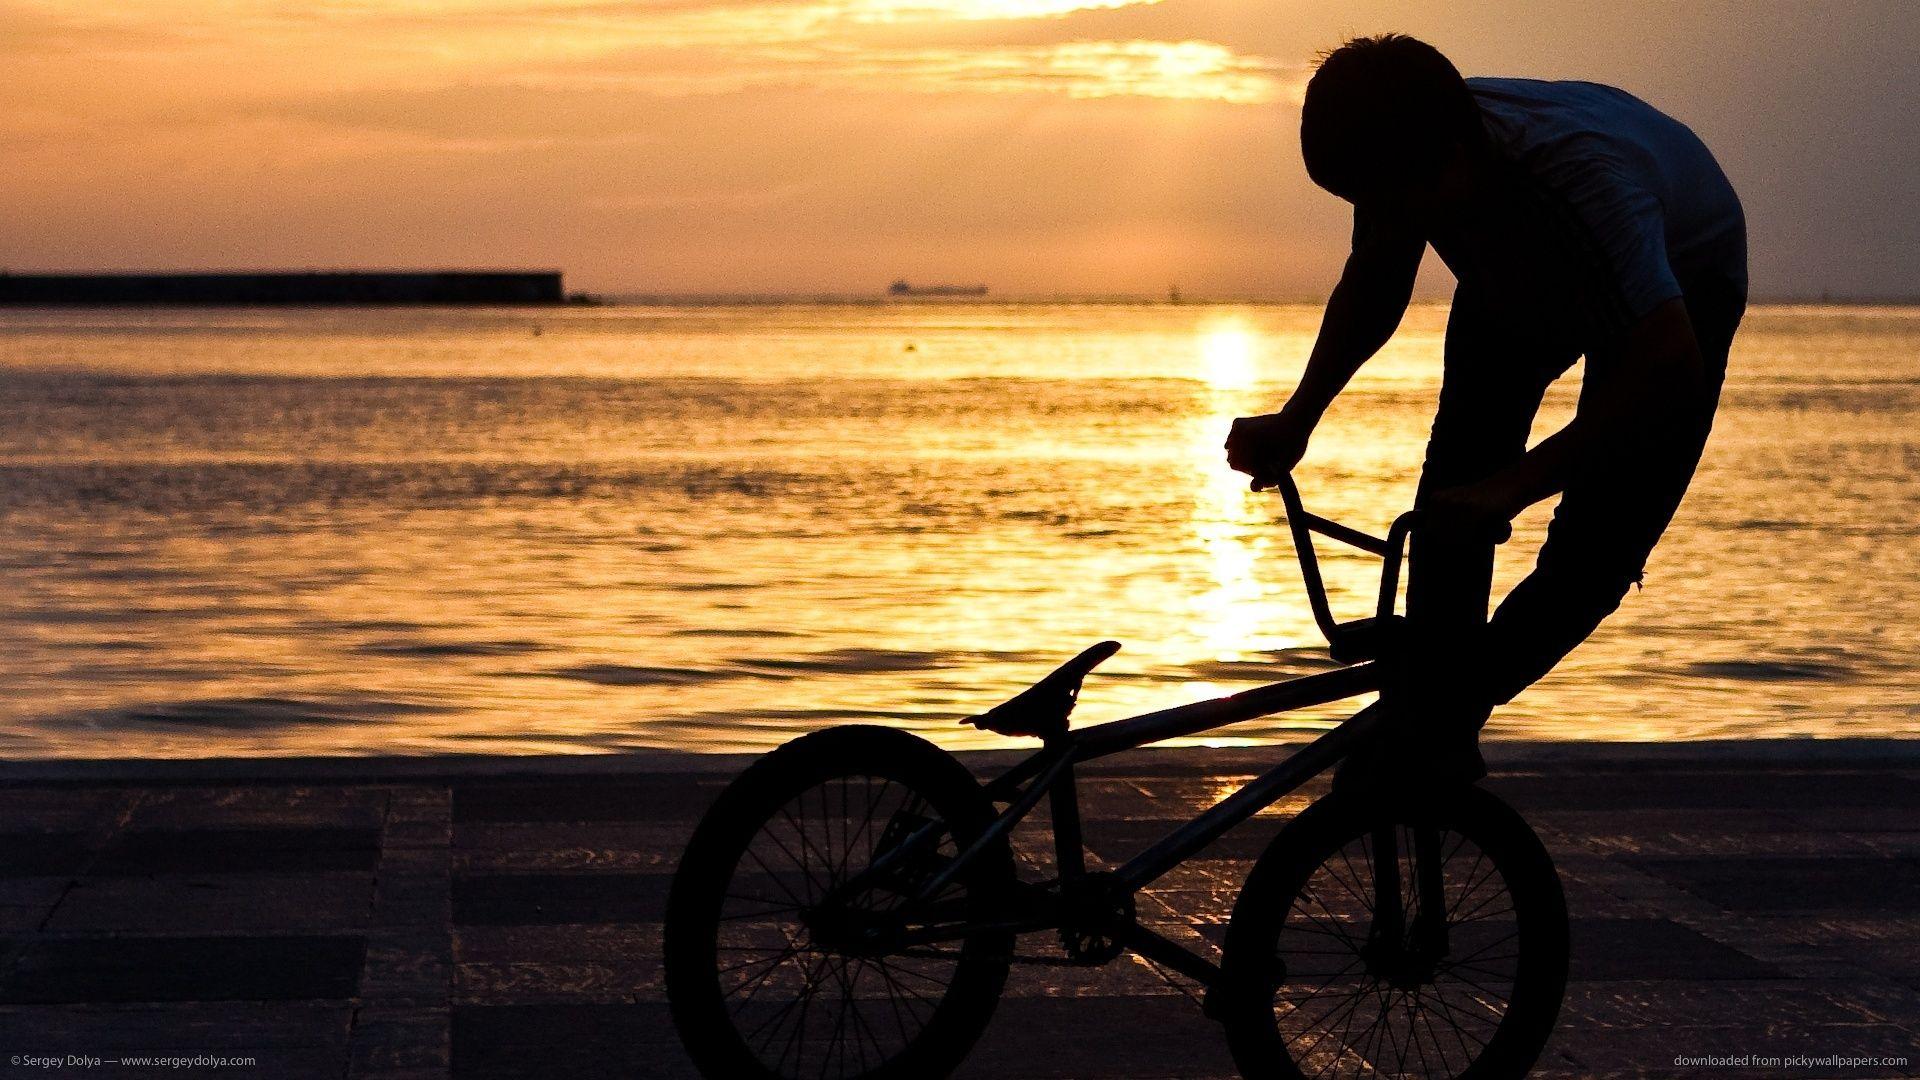 Bmx Wallpaper Sunset Bmx Bmx Freestyle Bike Frame